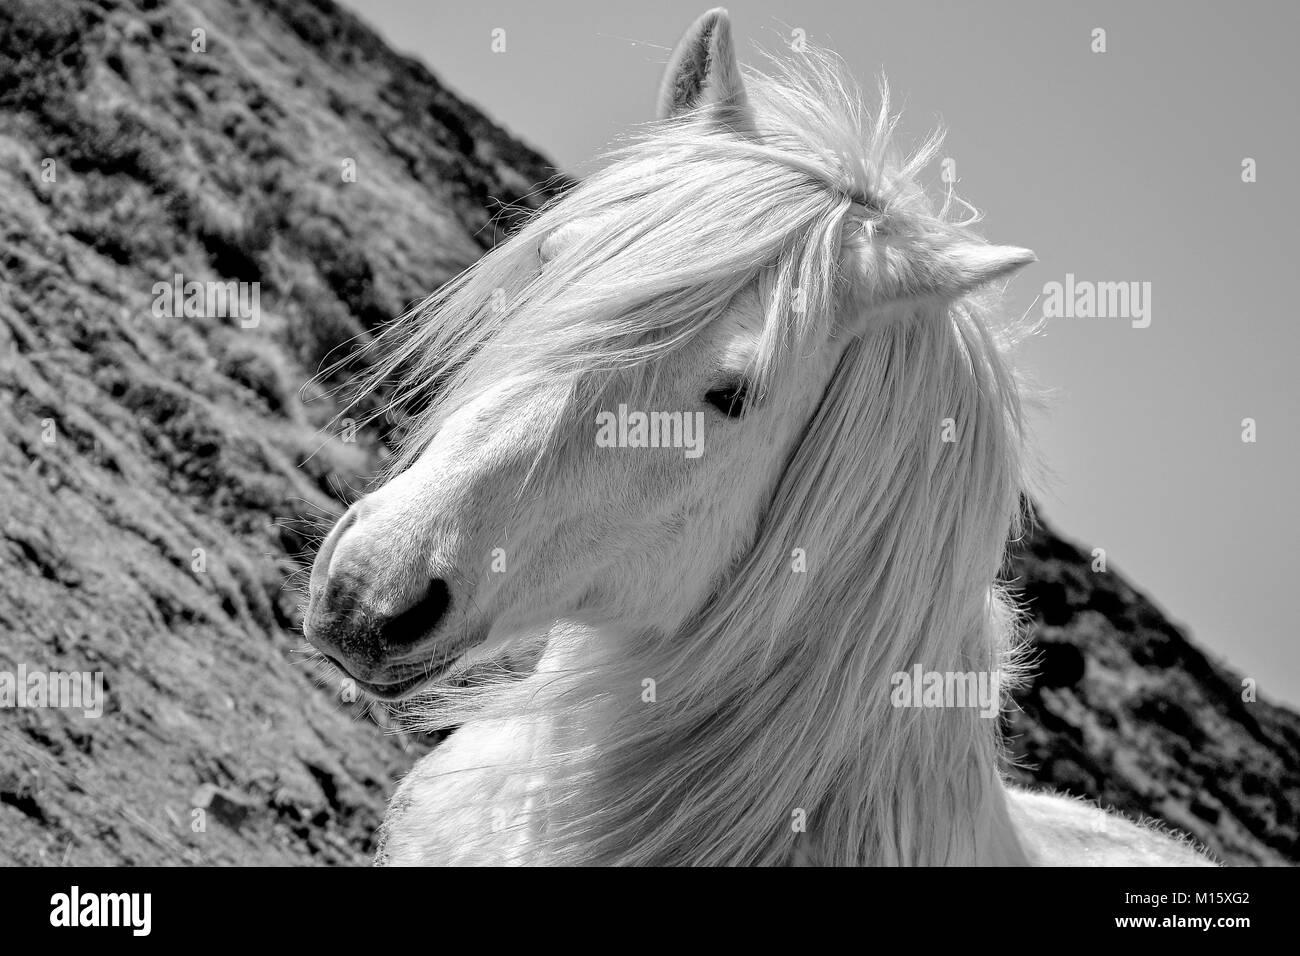 White Horse Stockfoto